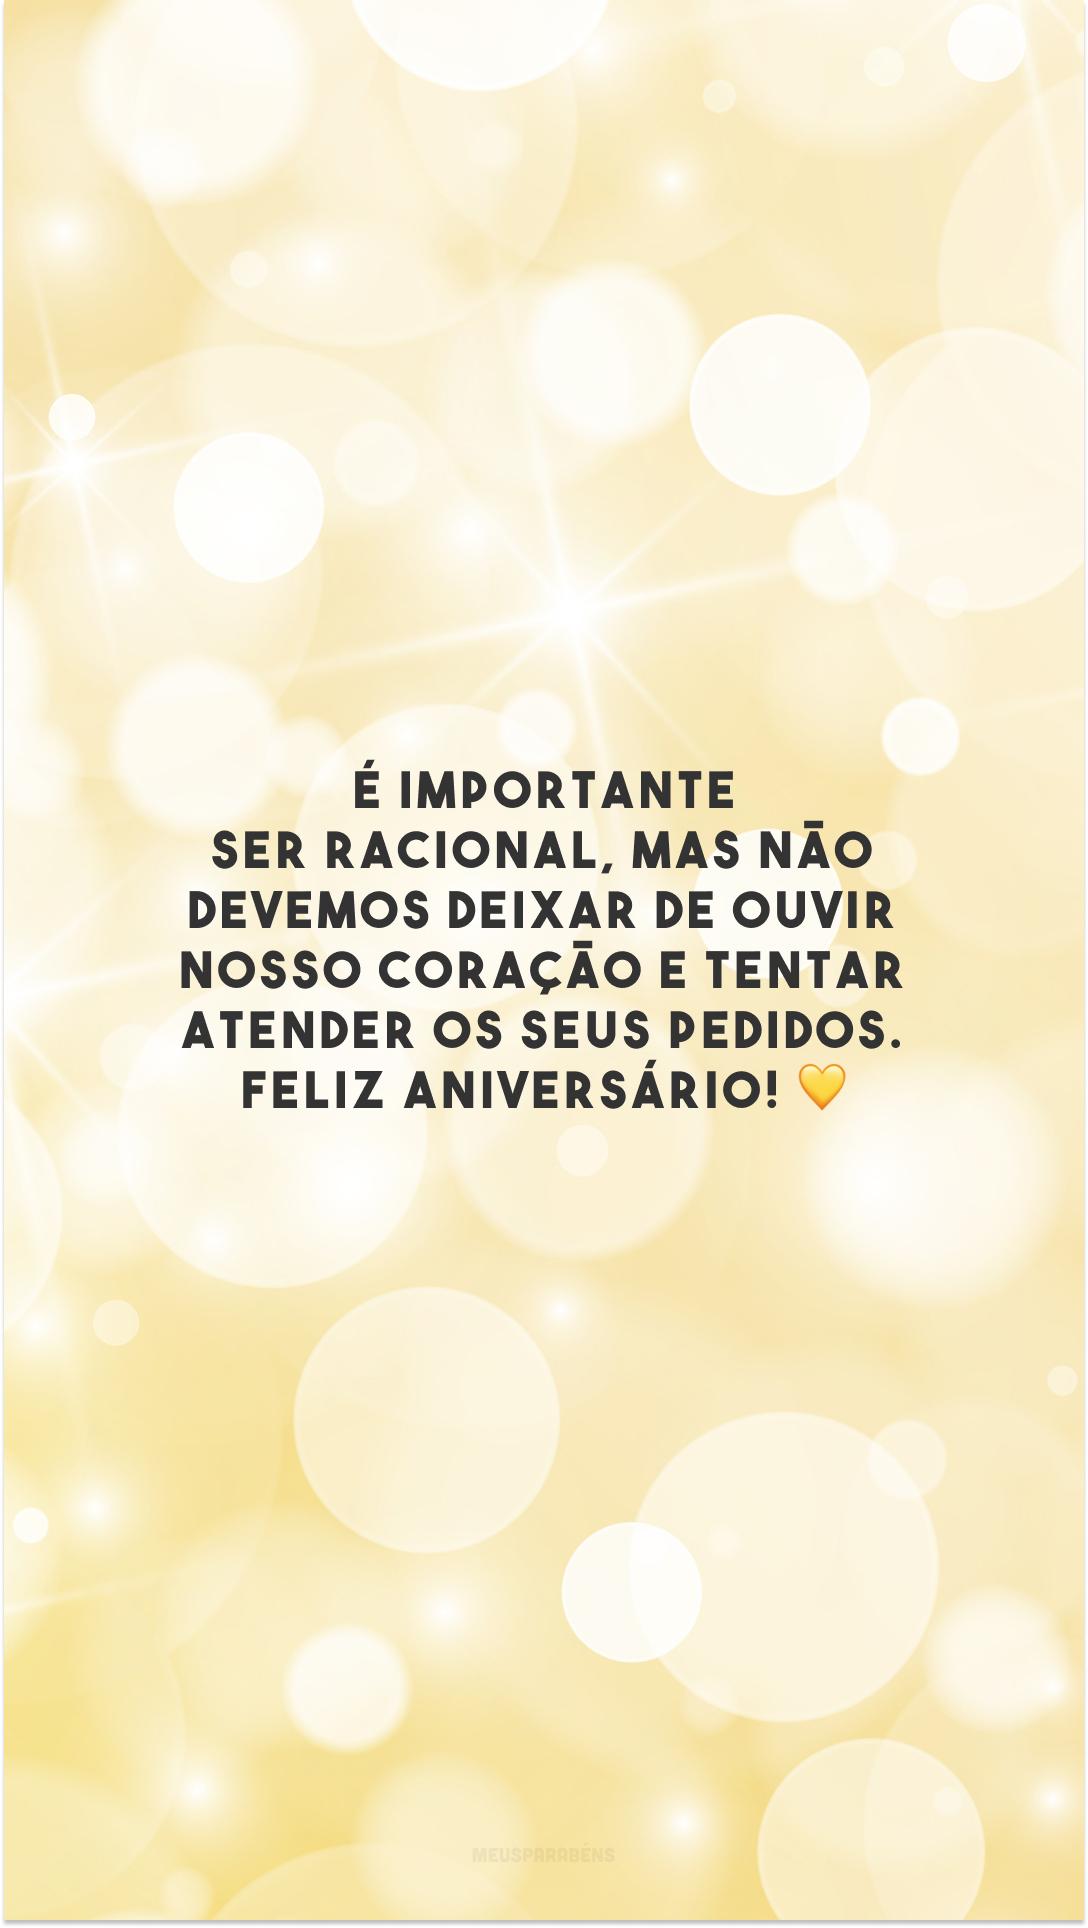 É importante ser racional, mas não devemos deixar de ouvir nosso coração e tentar atender os seus pedidos. Feliz aniversário! 💛